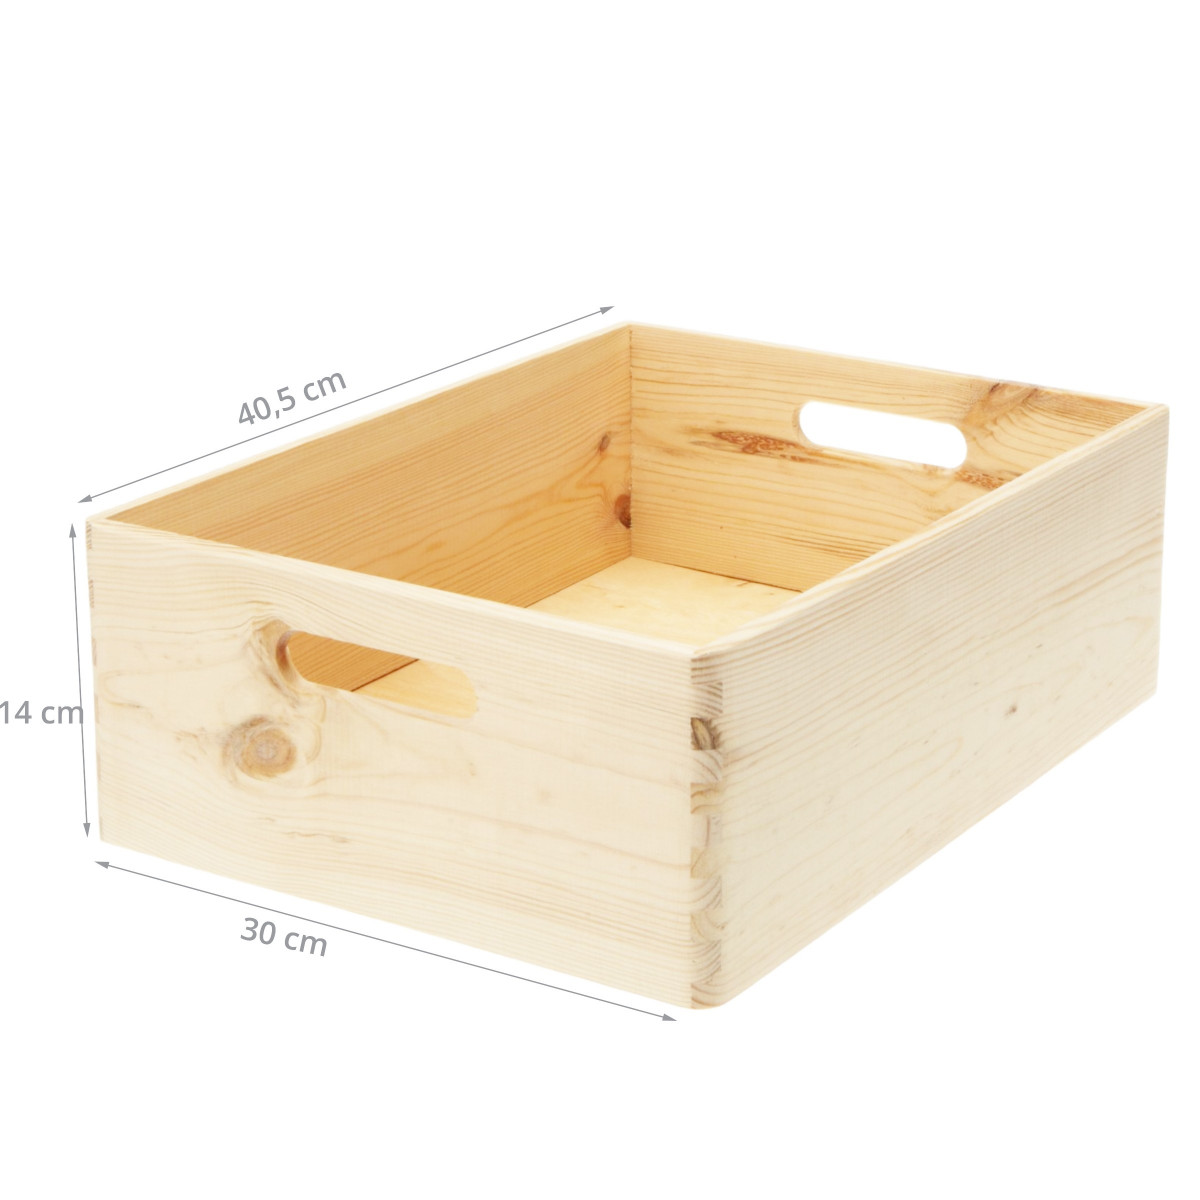 Caisse de rangement cuisine en bois - Caisse de rangement bois ...